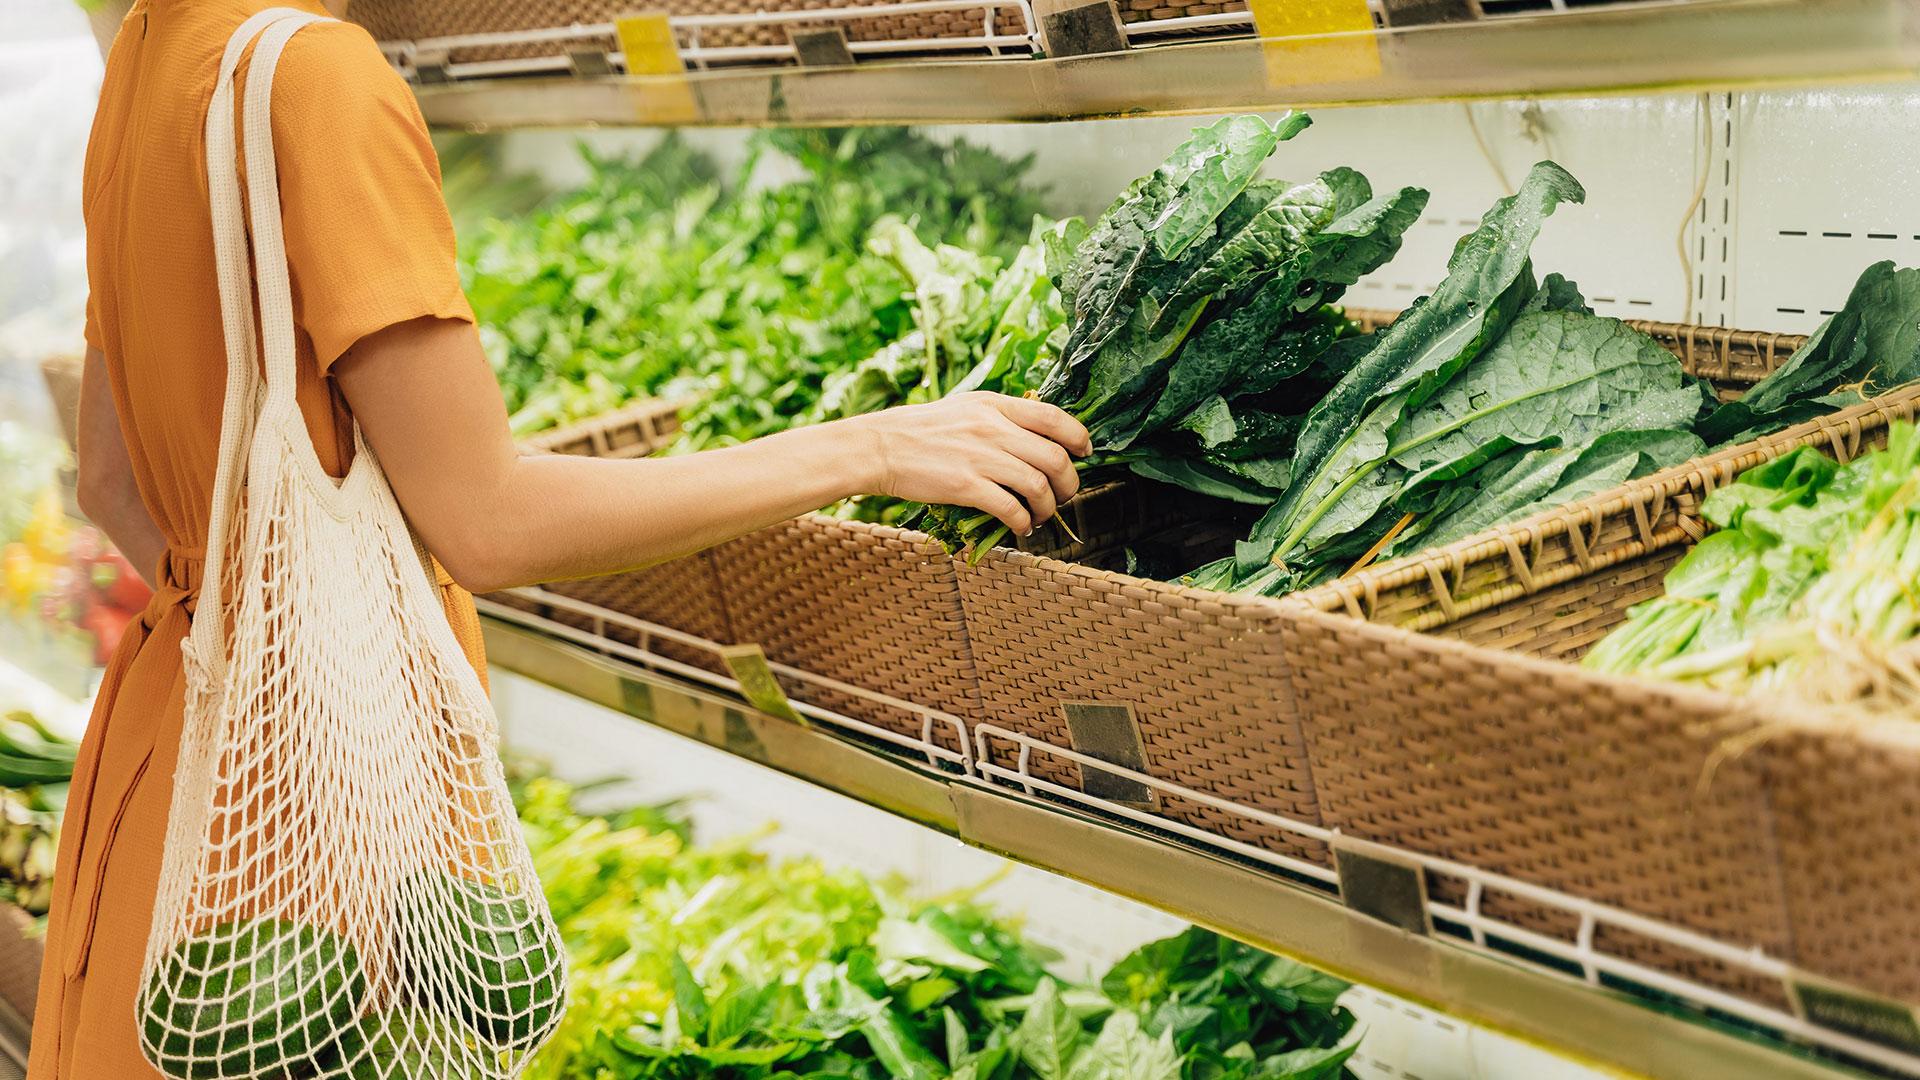 Einkaufen als Waldschutz: Möglichst ohne Verpackung